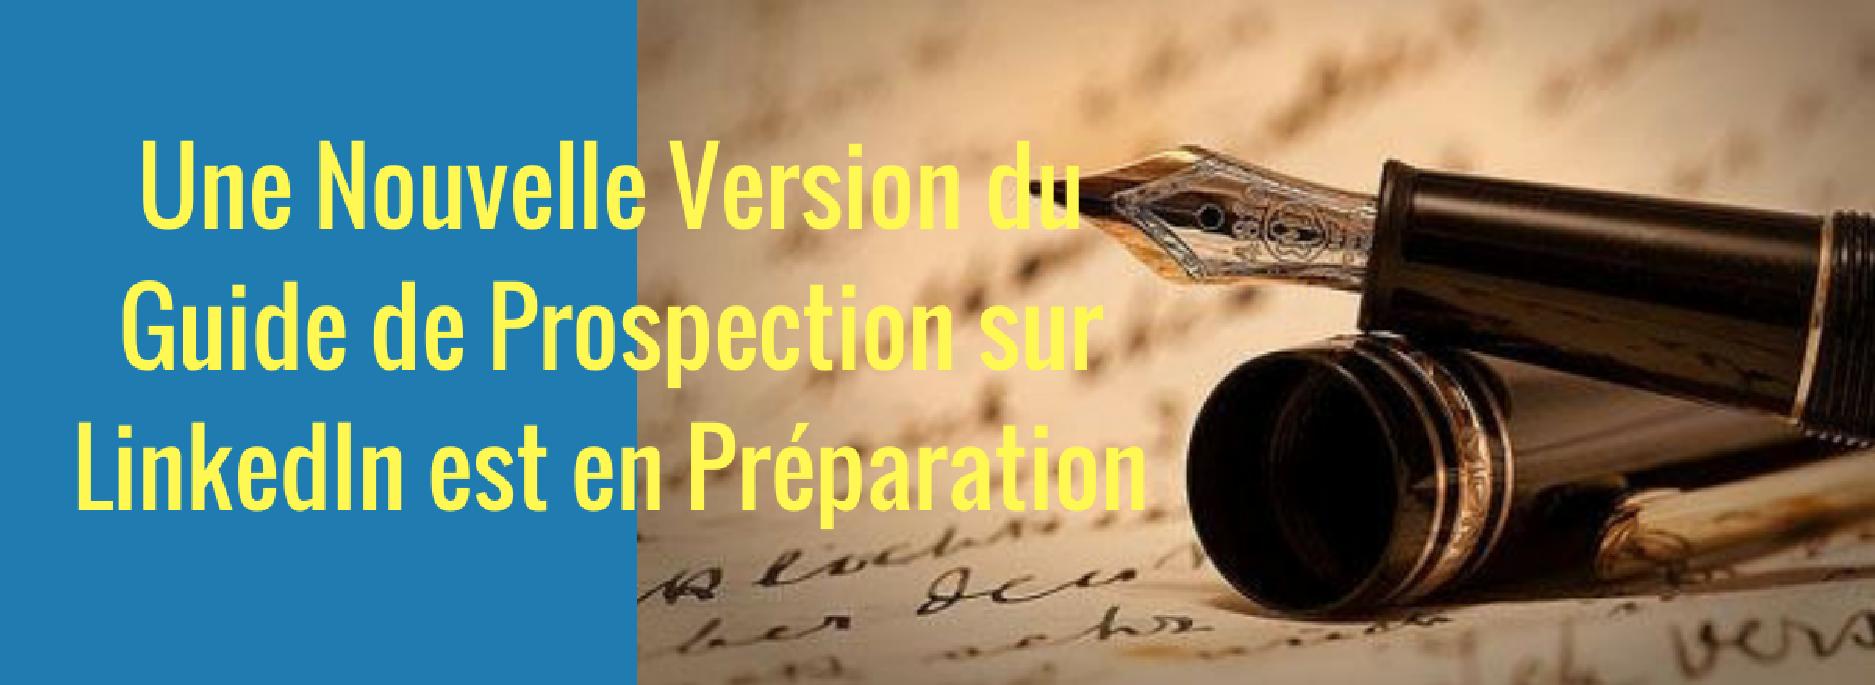 nouveau-guide-prospection-linkedin.png